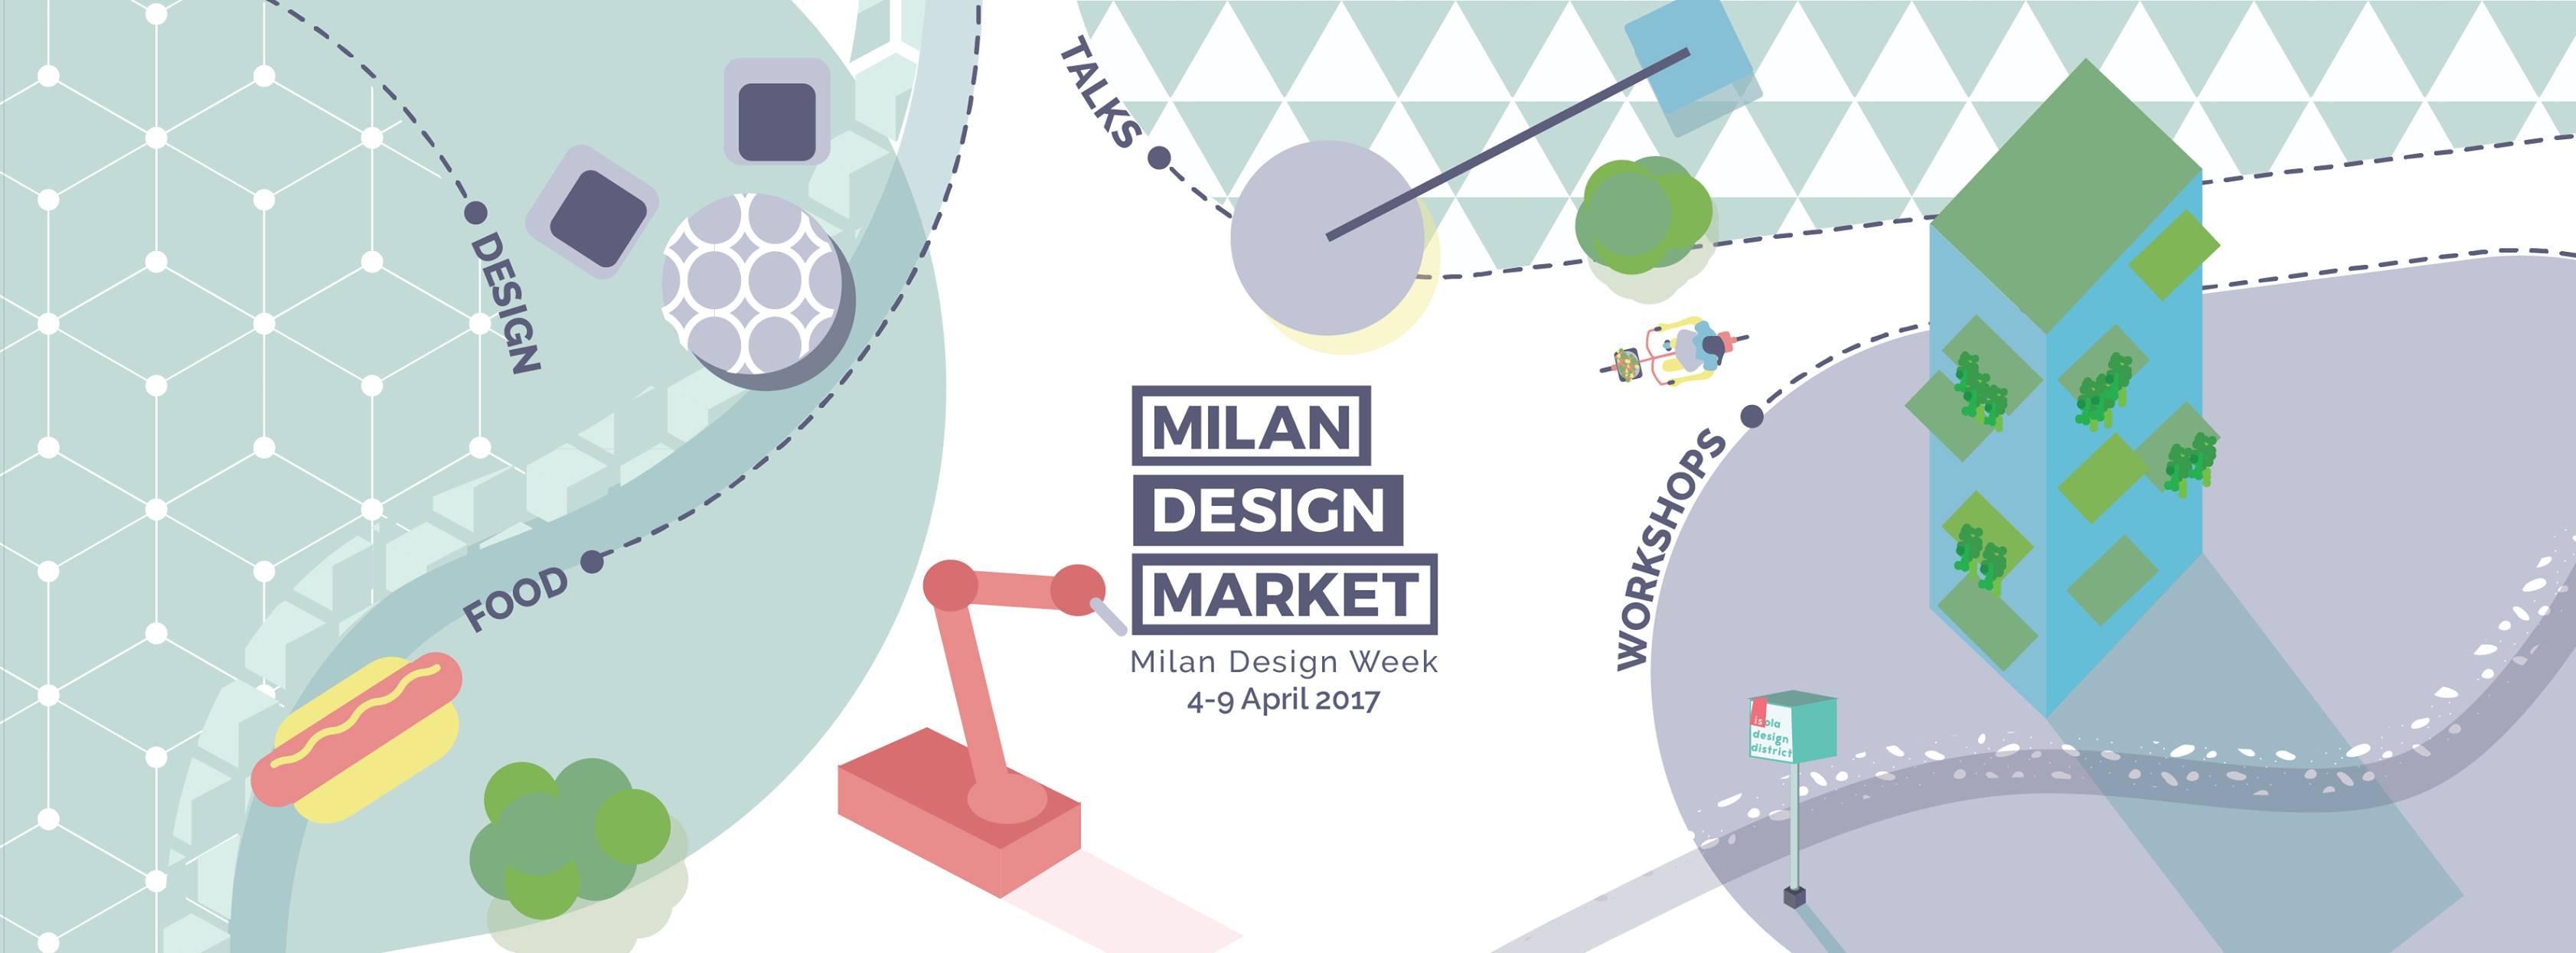 Isola design district 1 milan design market for Eventi milano aprile 2017